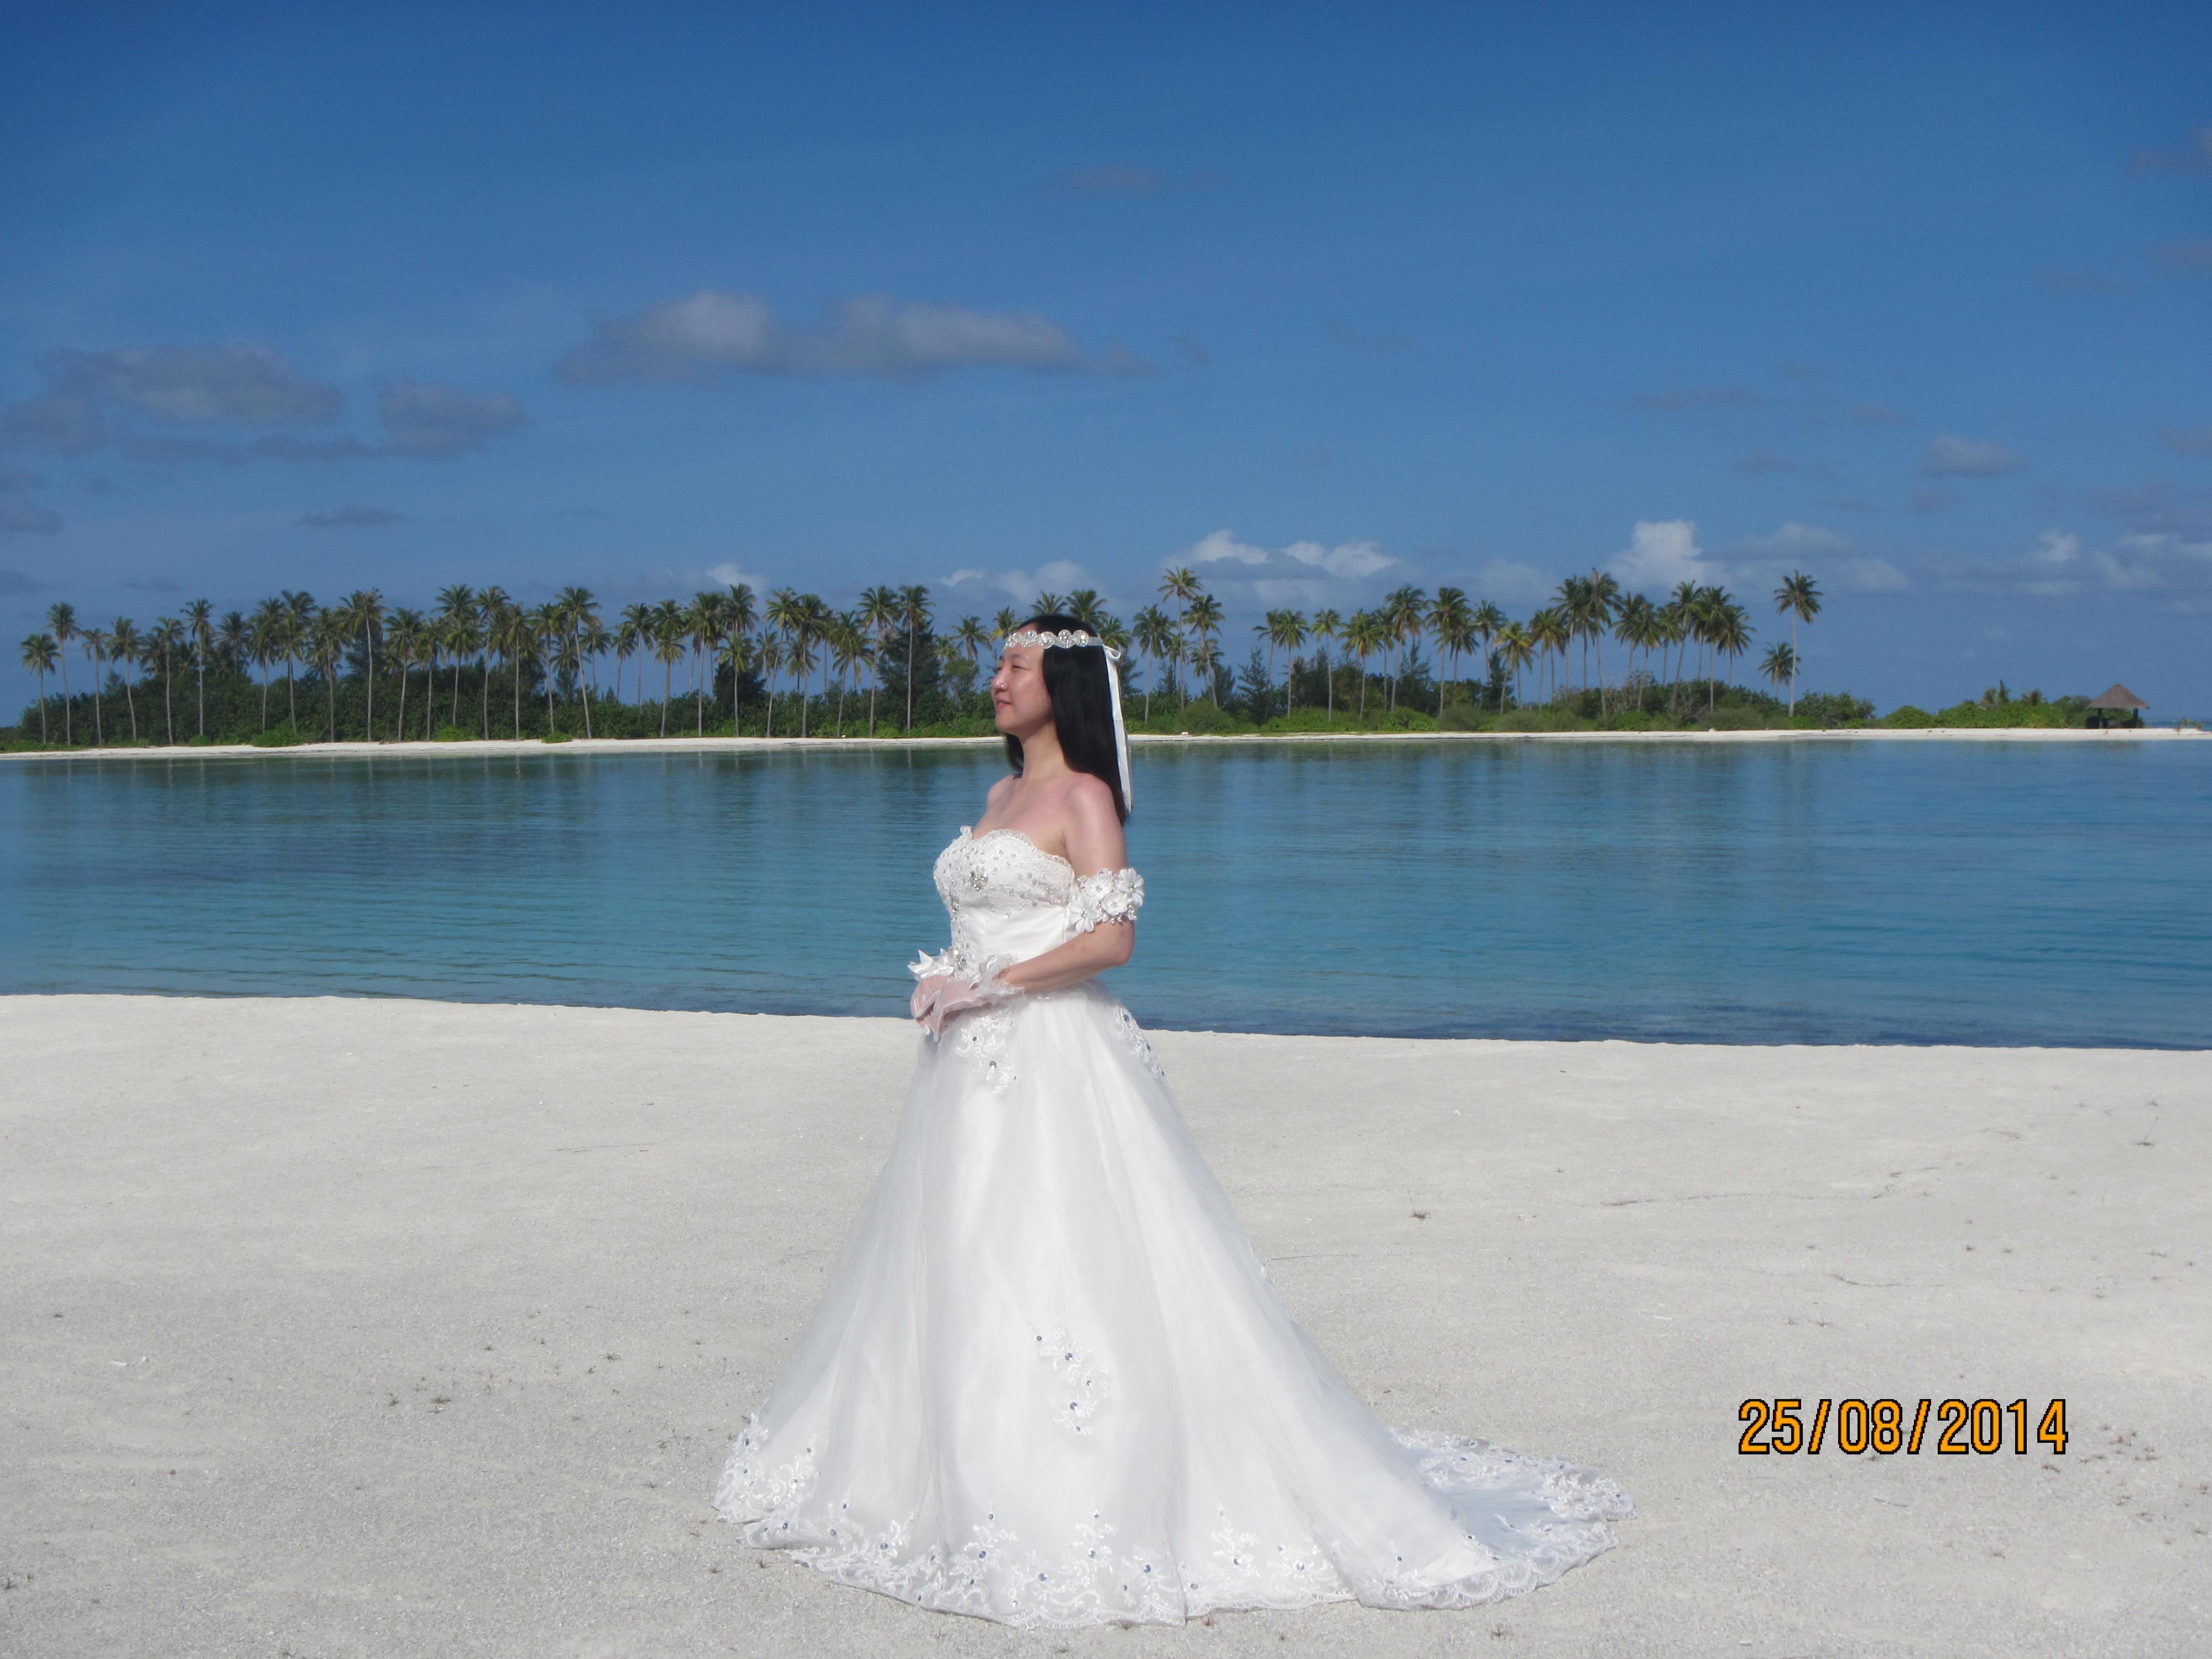 马尔代夫-双鱼岛蜜月之旅